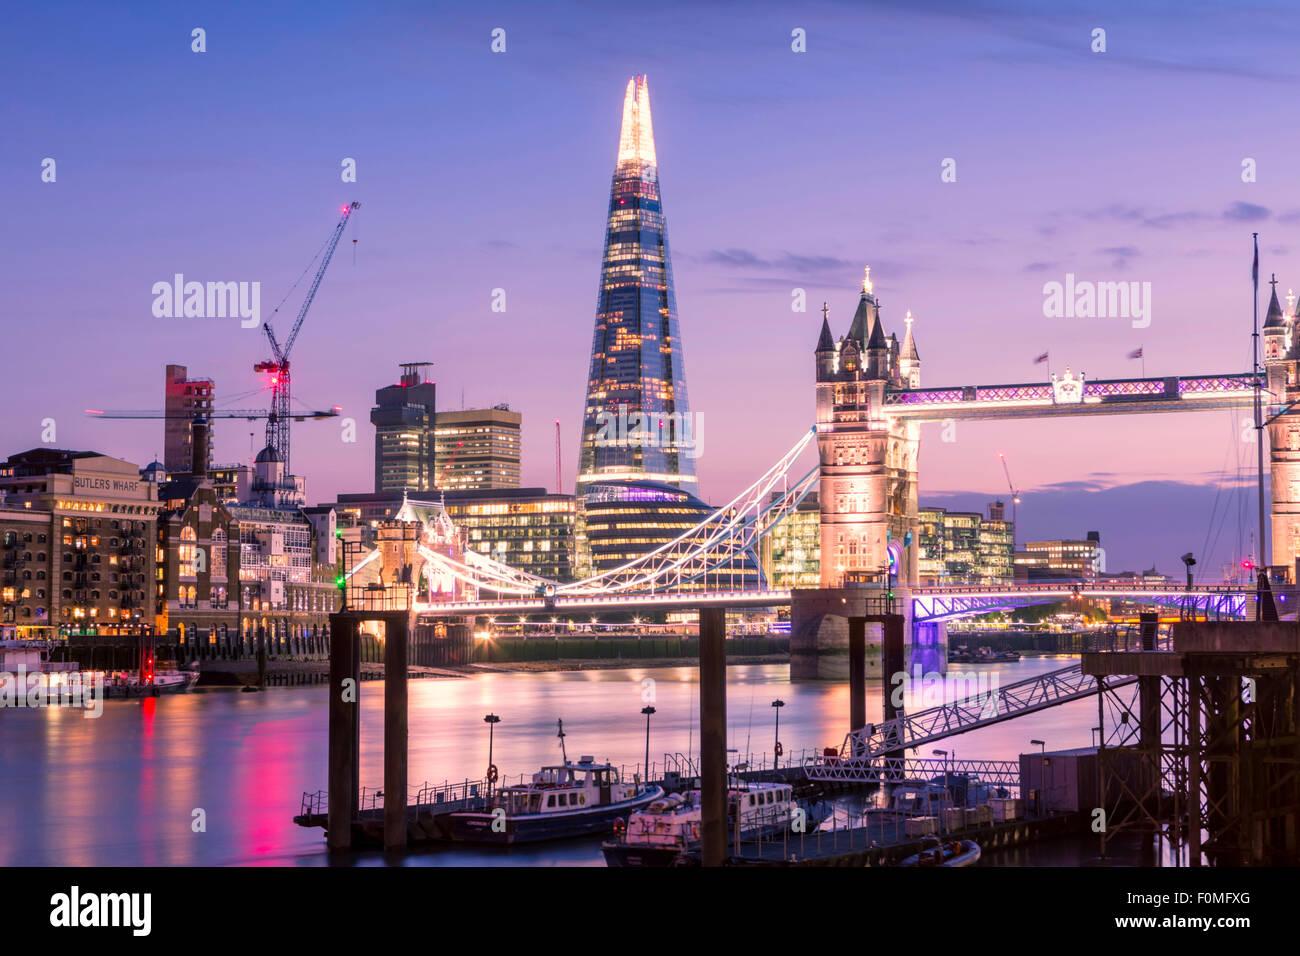 Tower Bridge, rivière Thames et le Shard building à Londres, Angleterre, RU Photo Stock